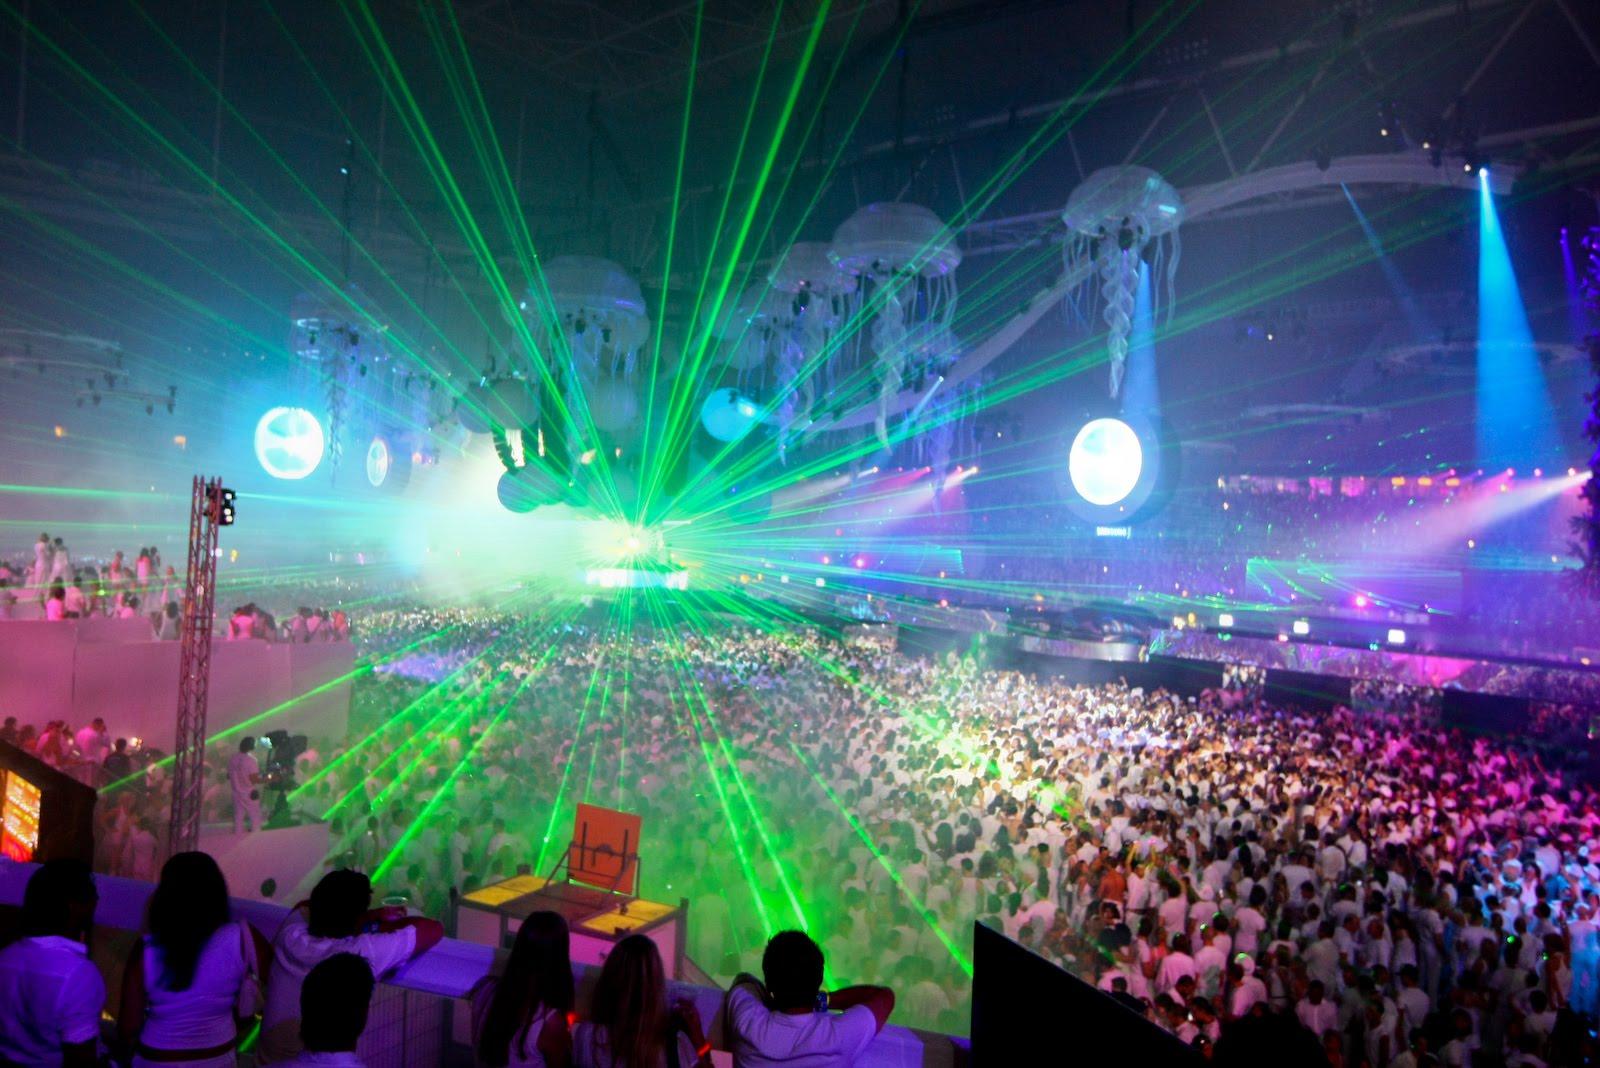 http://1.bp.blogspot.com/_niRTbTkDZmU/S-hp6Z754AI/AAAAAAAAAB0/zUGEmxKaVsw/s1600/skol+sensation+2.jpg